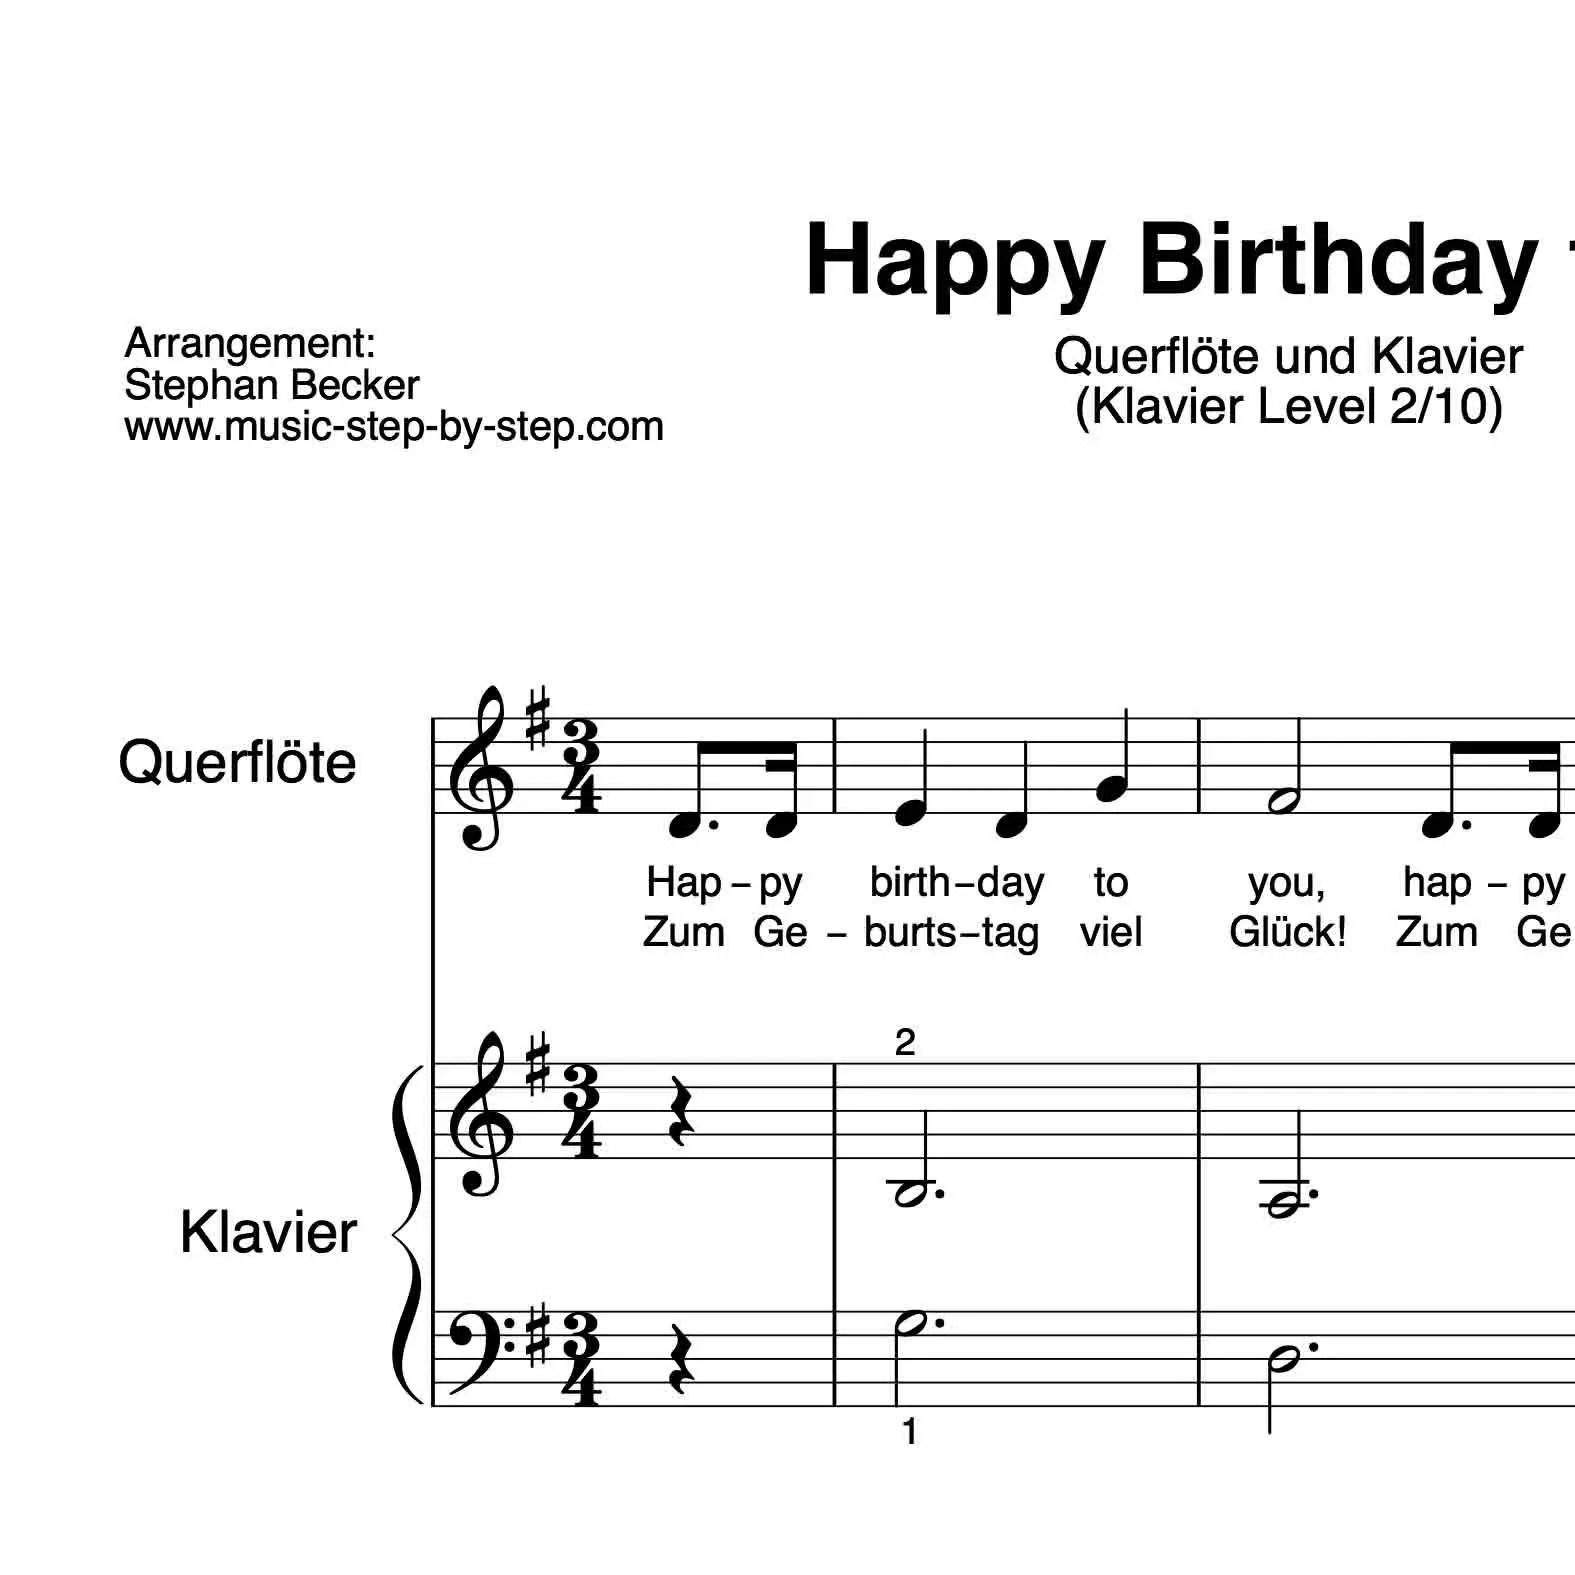 Happy Birthday To You Fur Querflote Und Klavier Aufnahme